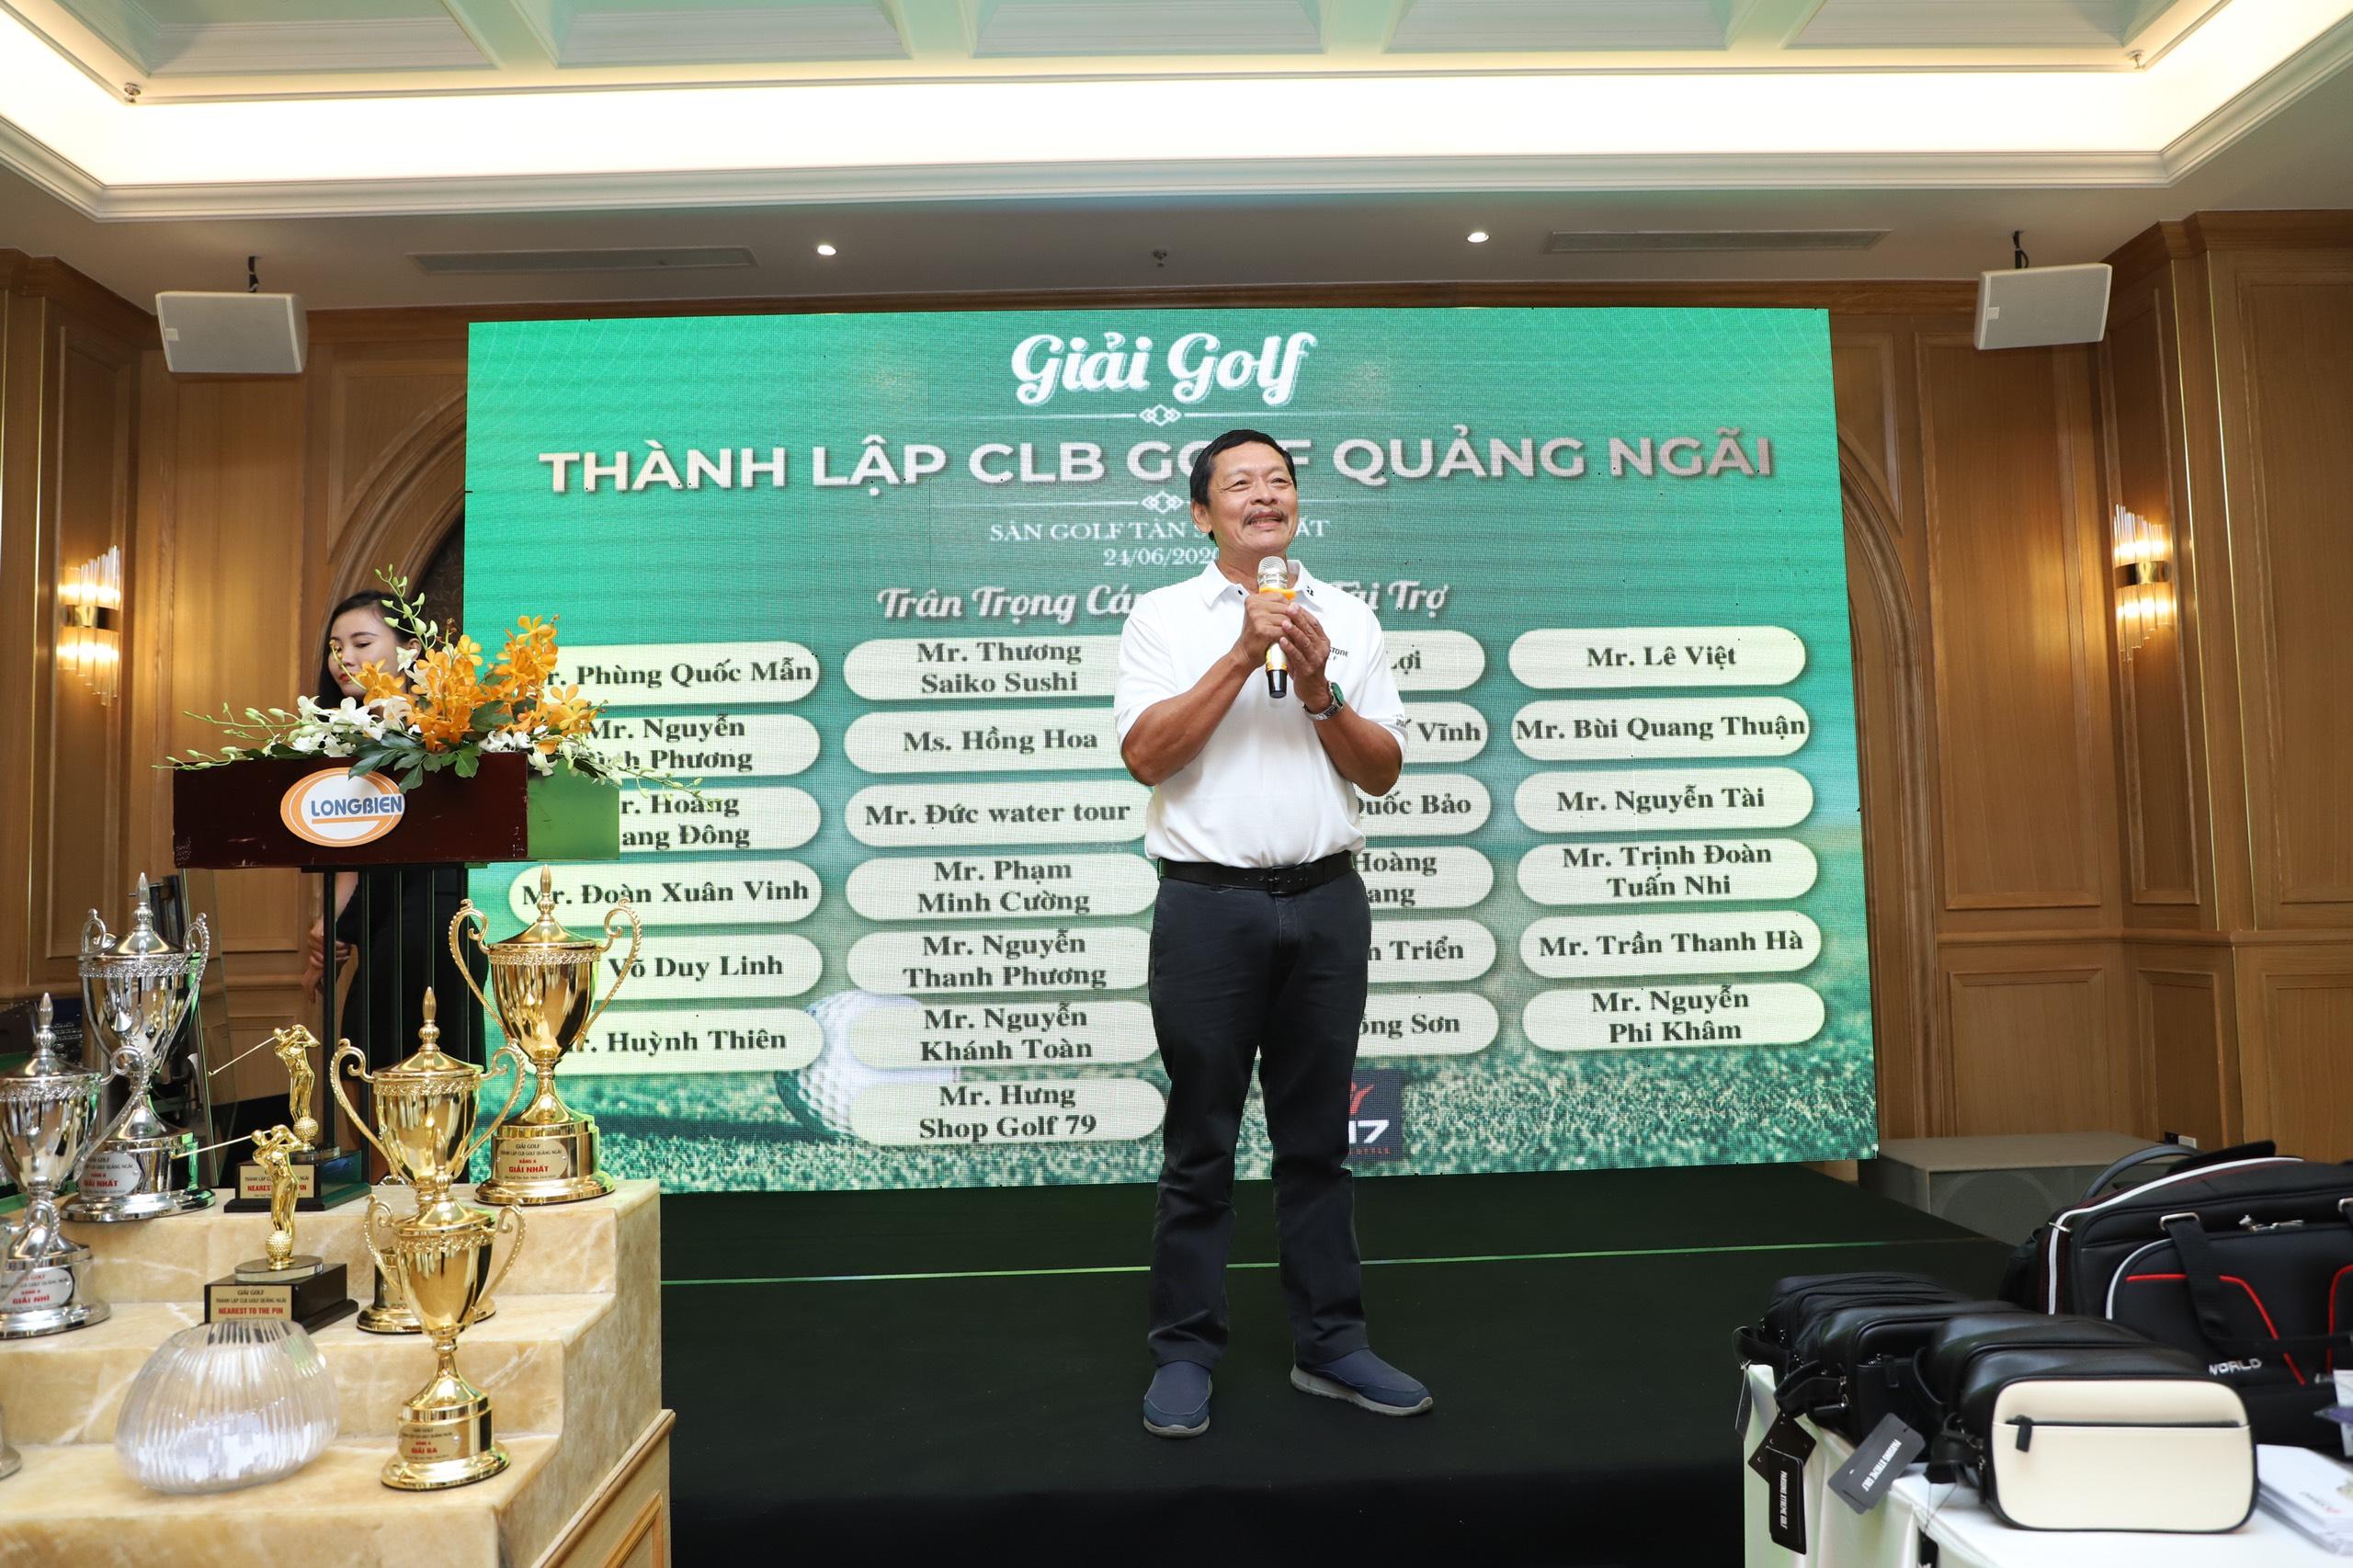 Nhà báo Quốc Vĩnh- Chủ tịch HĐH Quảng Ngãi tại TP.HCM kiêm Chủ tịch CLB Doanh Nhân Quảng Ngãi tại TP.HCM phát biểu tại buổi lễ